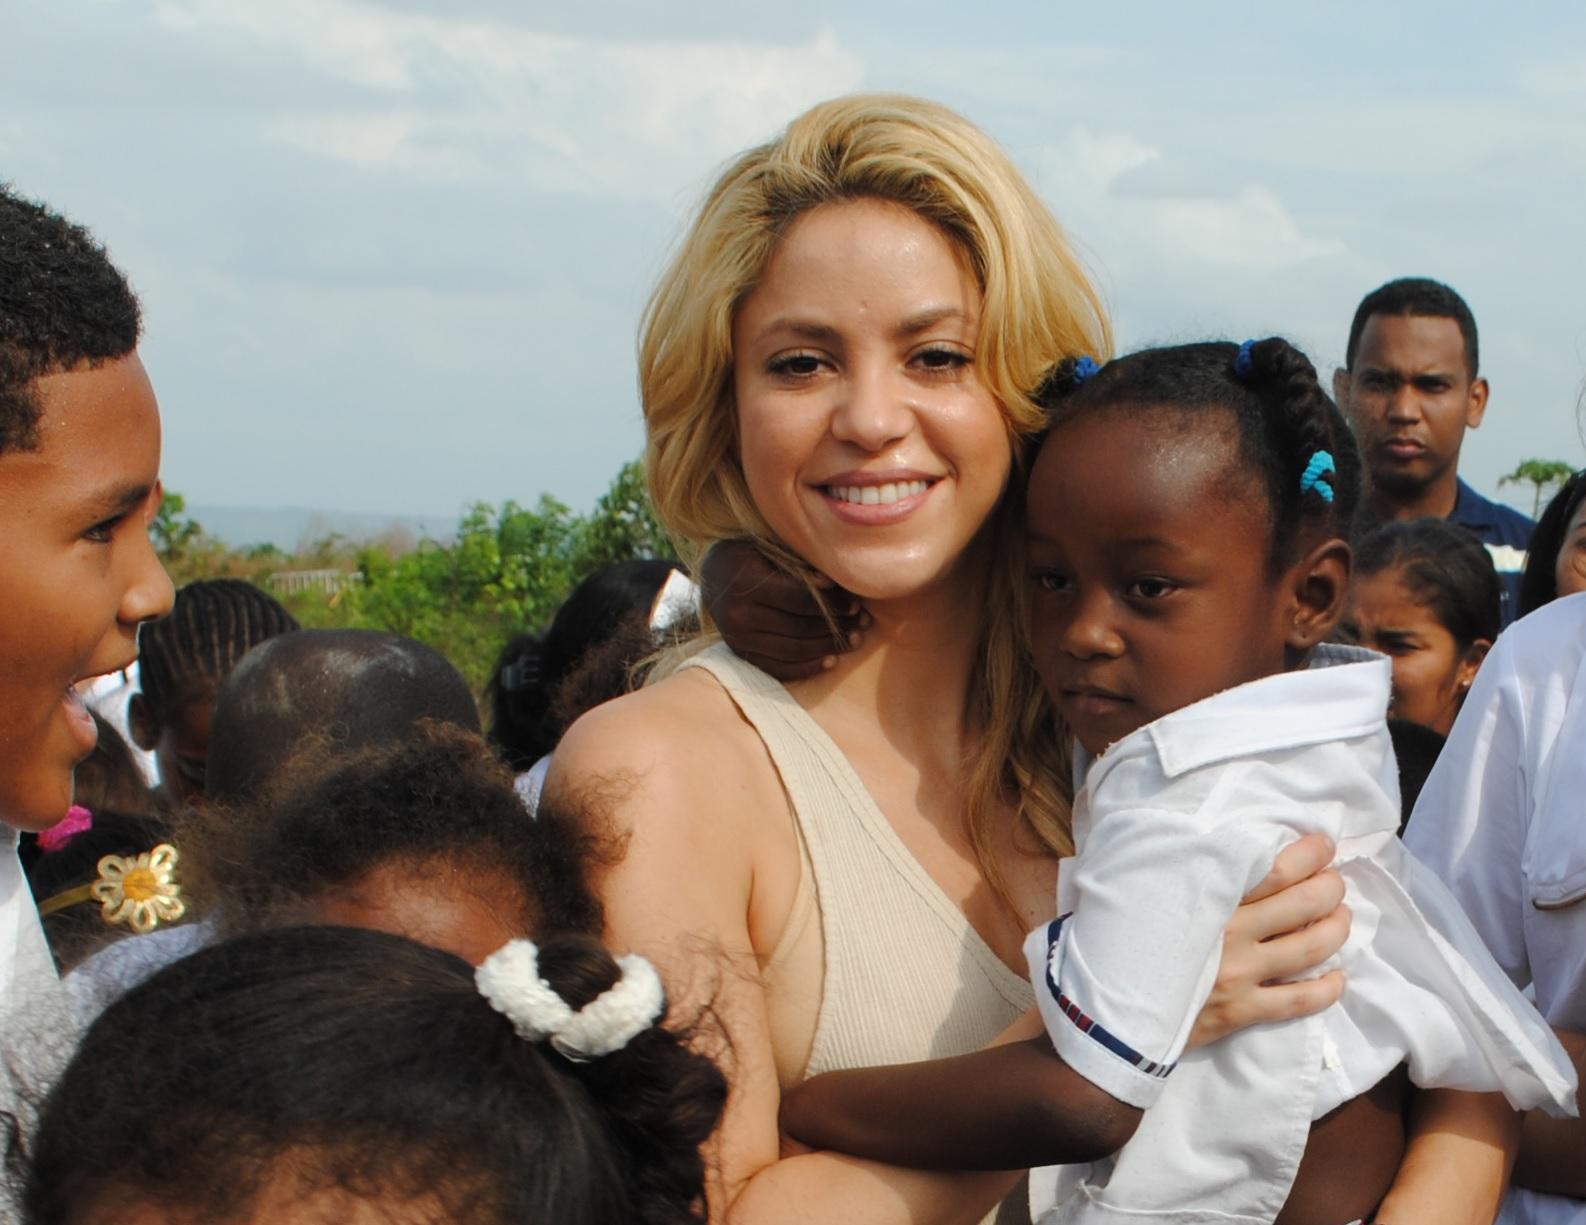 Fundación de Shakira lleva 25 jóvenes a la universidad